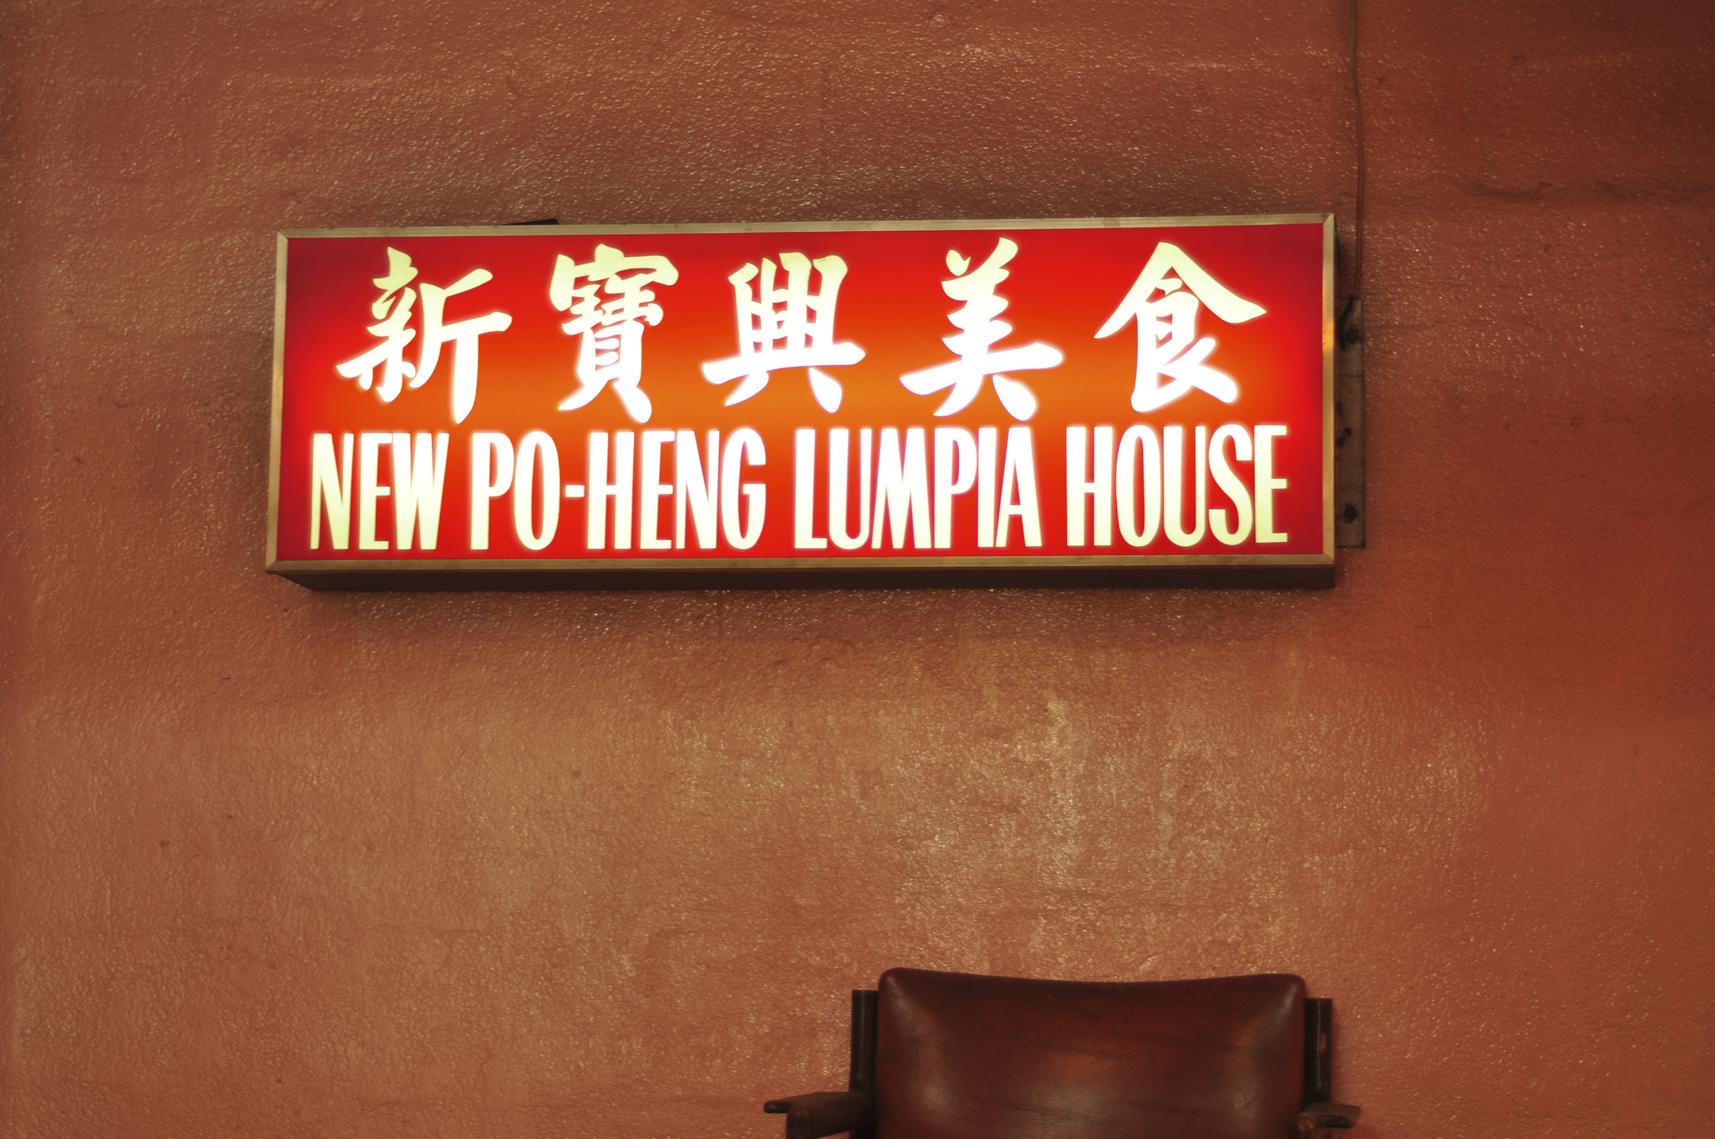 Sino-Filipino fare to buy at a lumpia (spring roll) house in Binondo (Chinatown).